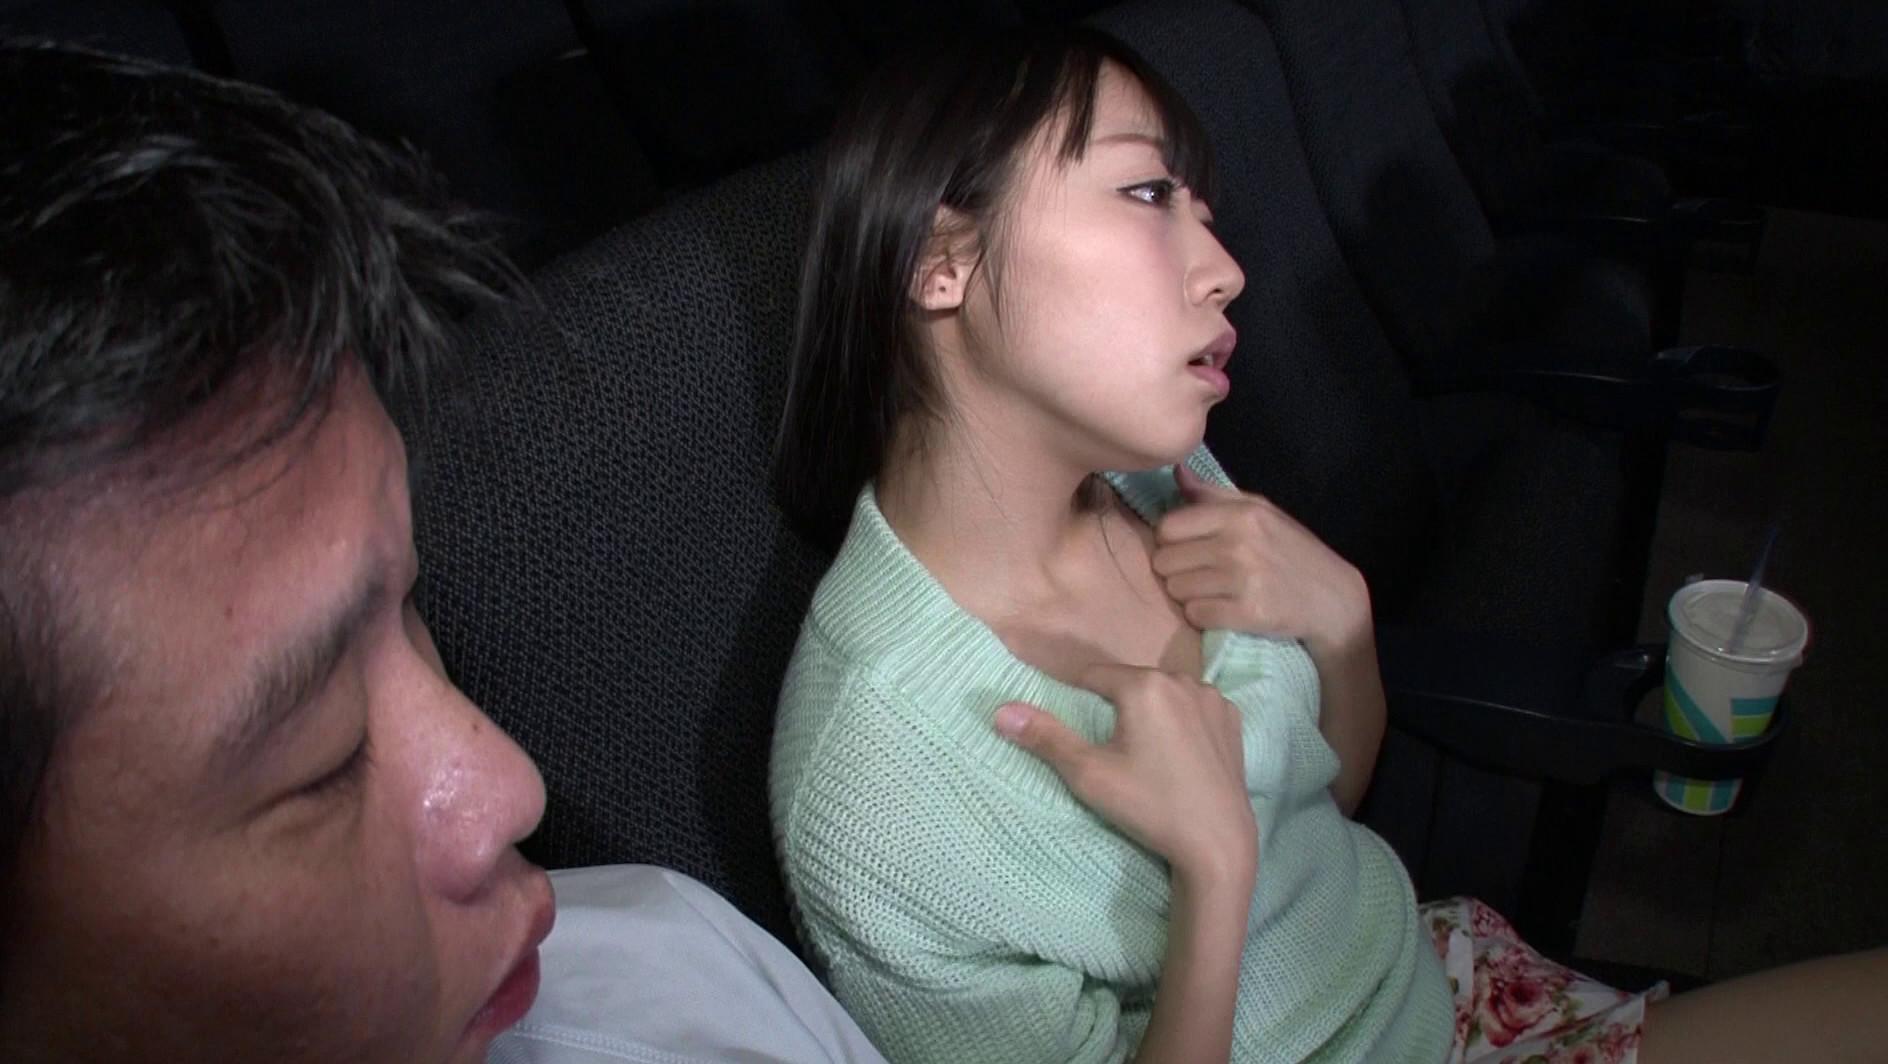 映画館のレイトショーは人が少なくて落ち着く・・・はずなのですが、突然僕の隣にミニスカートのソソる美女が座ってきた!!映画よりもスカートから覗く生足が気になって仕方がない!無言の誘惑に勃起した僕に気付いた美女が、微笑みながら手を伸ばしてきて・・・まさか館内でこっそりヌイてくれた!!それどころかハメさせてくれた!? 画像1